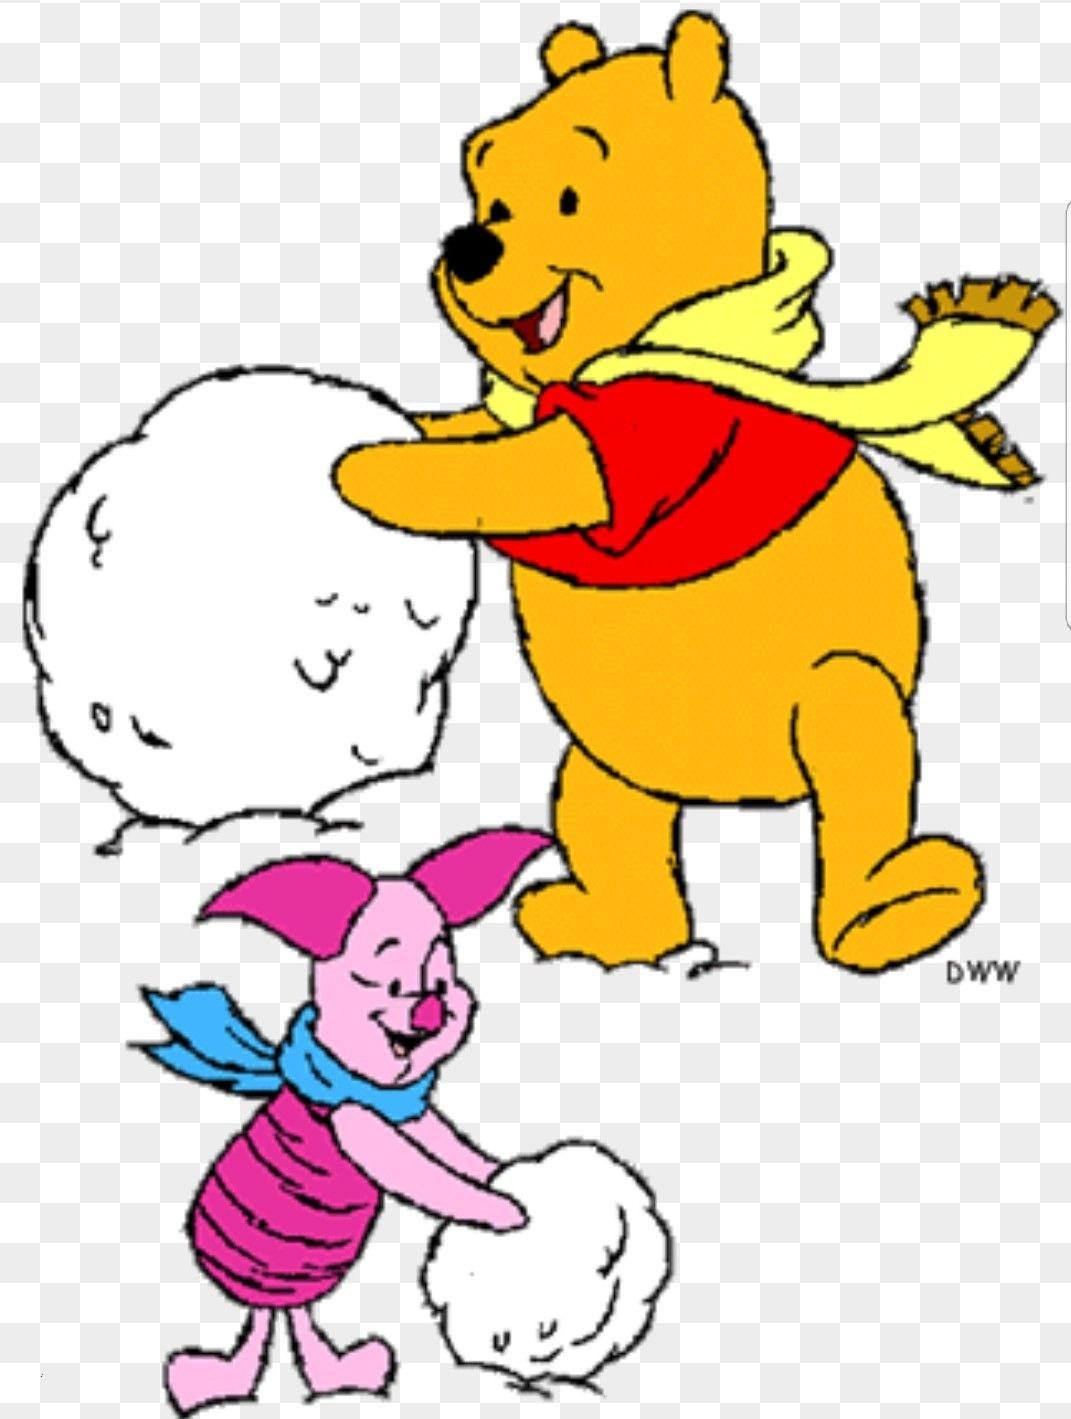 Ausmalbilder Winnie Pooh Neu 37 Ausmalbilder Winnie Pooh Baby Scoredatscore Neu Winnie Pooh Galerie